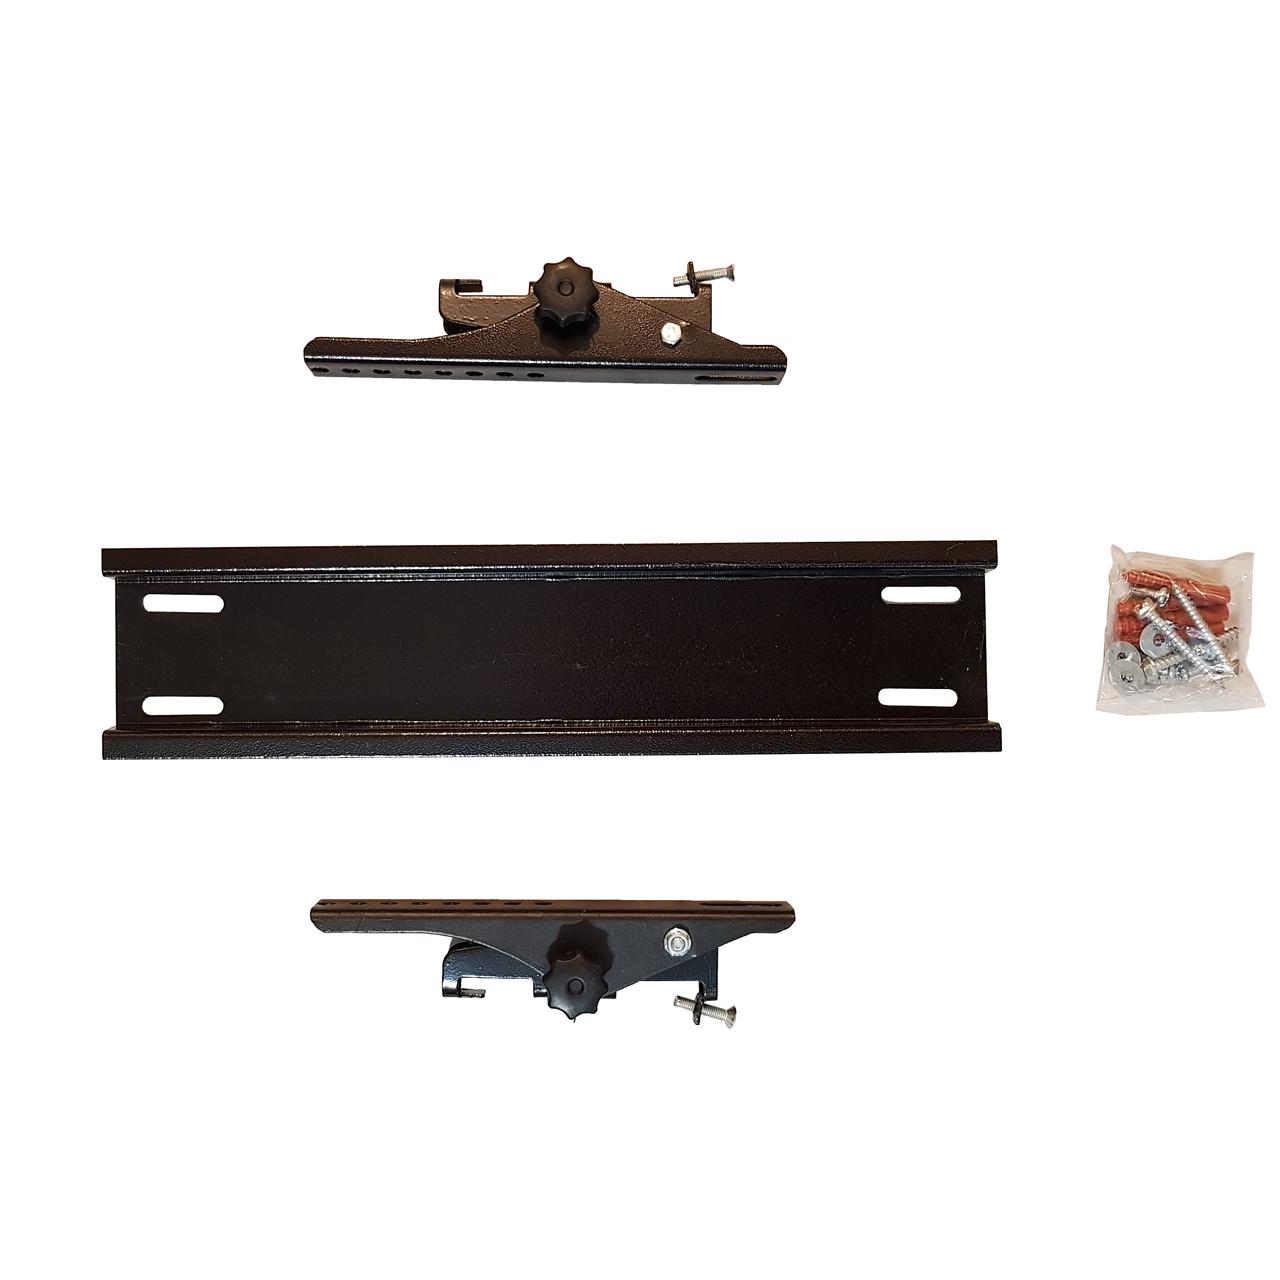 خرید اینترنتی پایه دیواری ال سی دی برند مدلJLE 301F مناسب برای تلویزیون های 32 تا 46 اینچ اورجینال